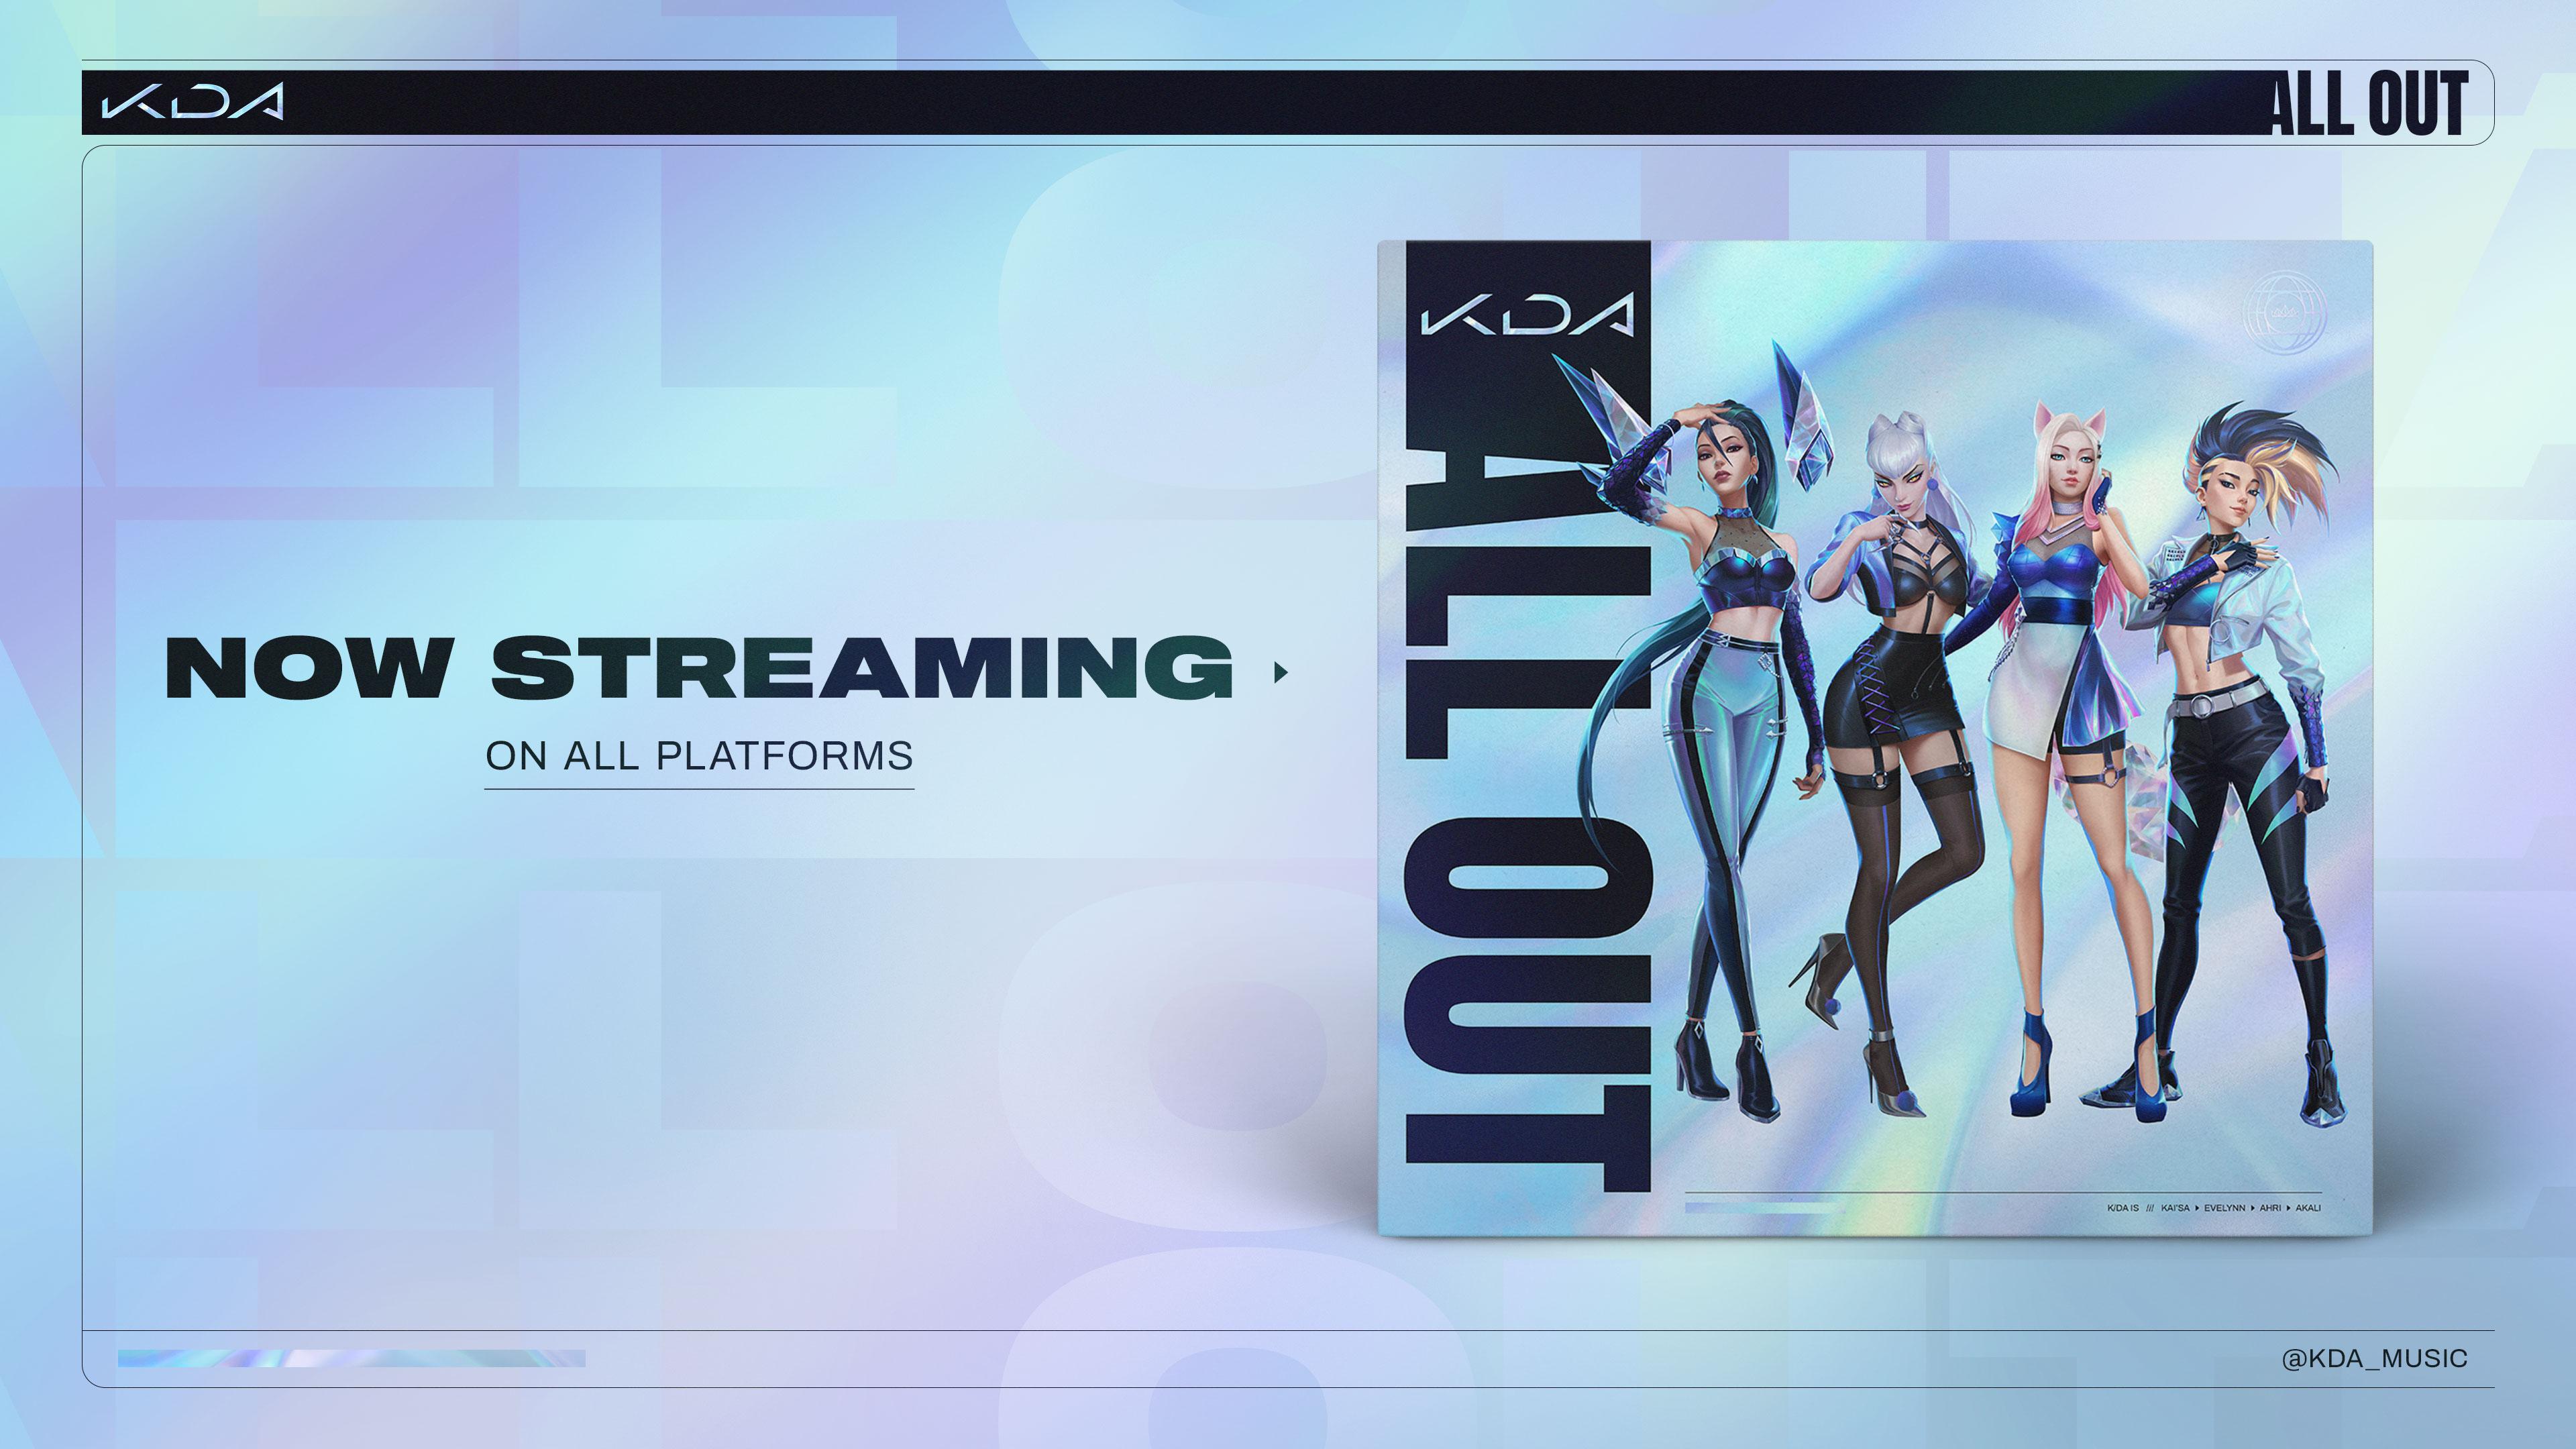 《英雄联盟》KDA女团《All Out》专辑释出 三首新歌